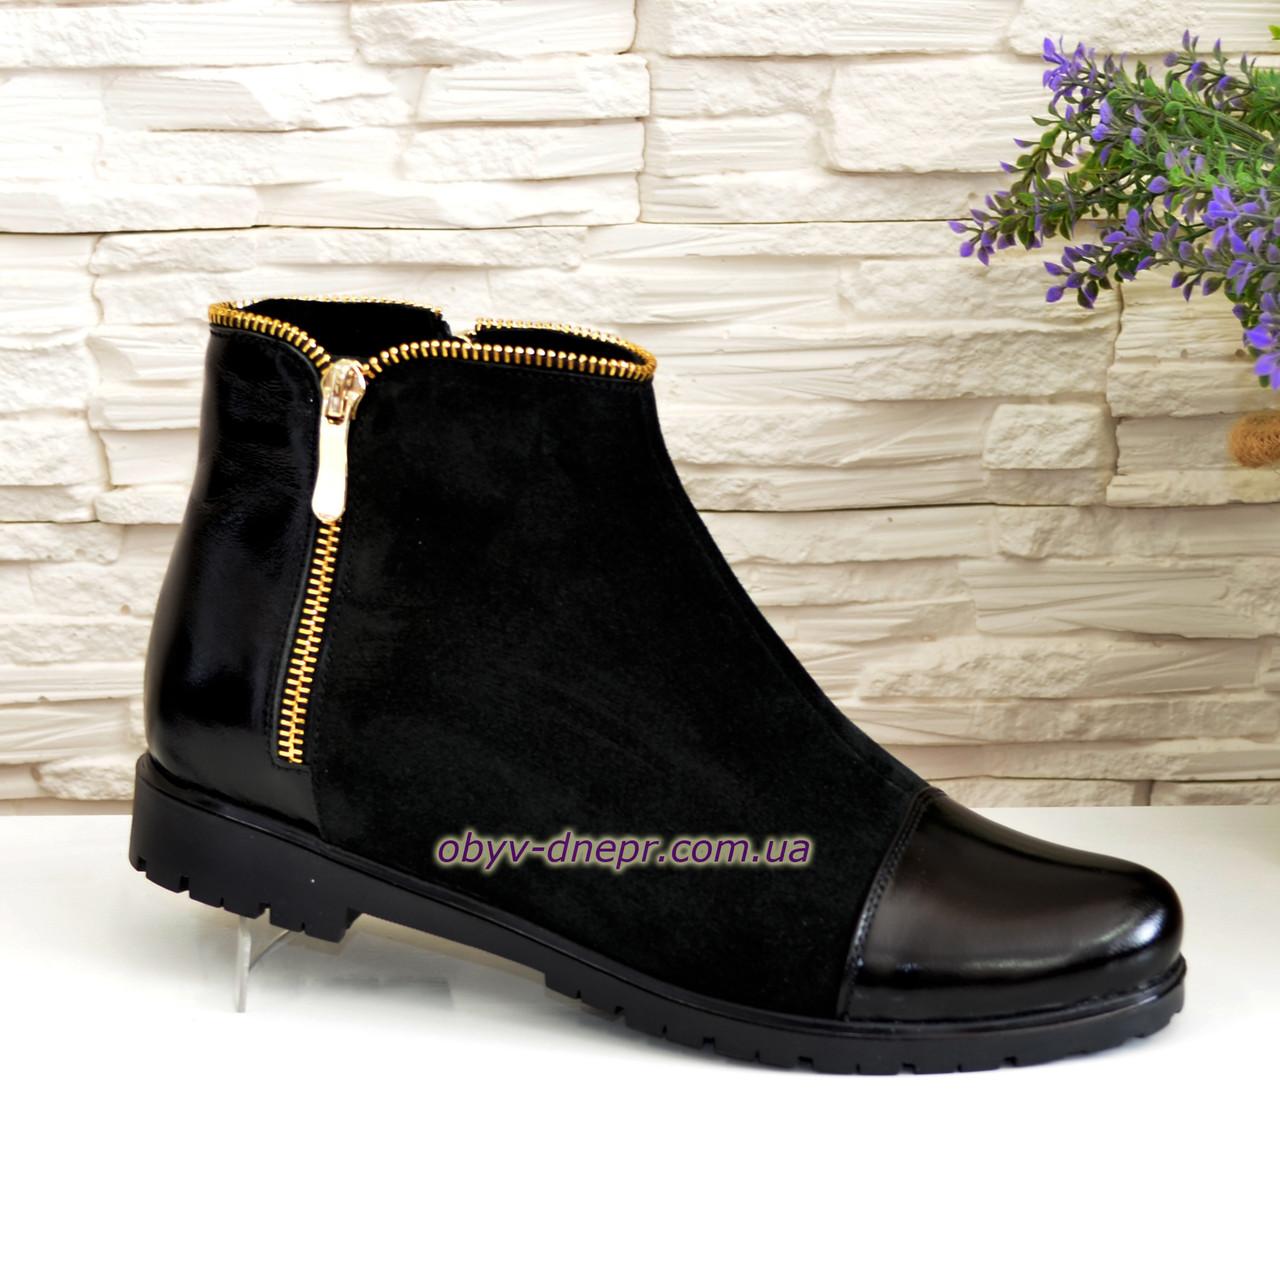 Женские ботинки на низом ходу, натуральный замш и лак. Демисезонные